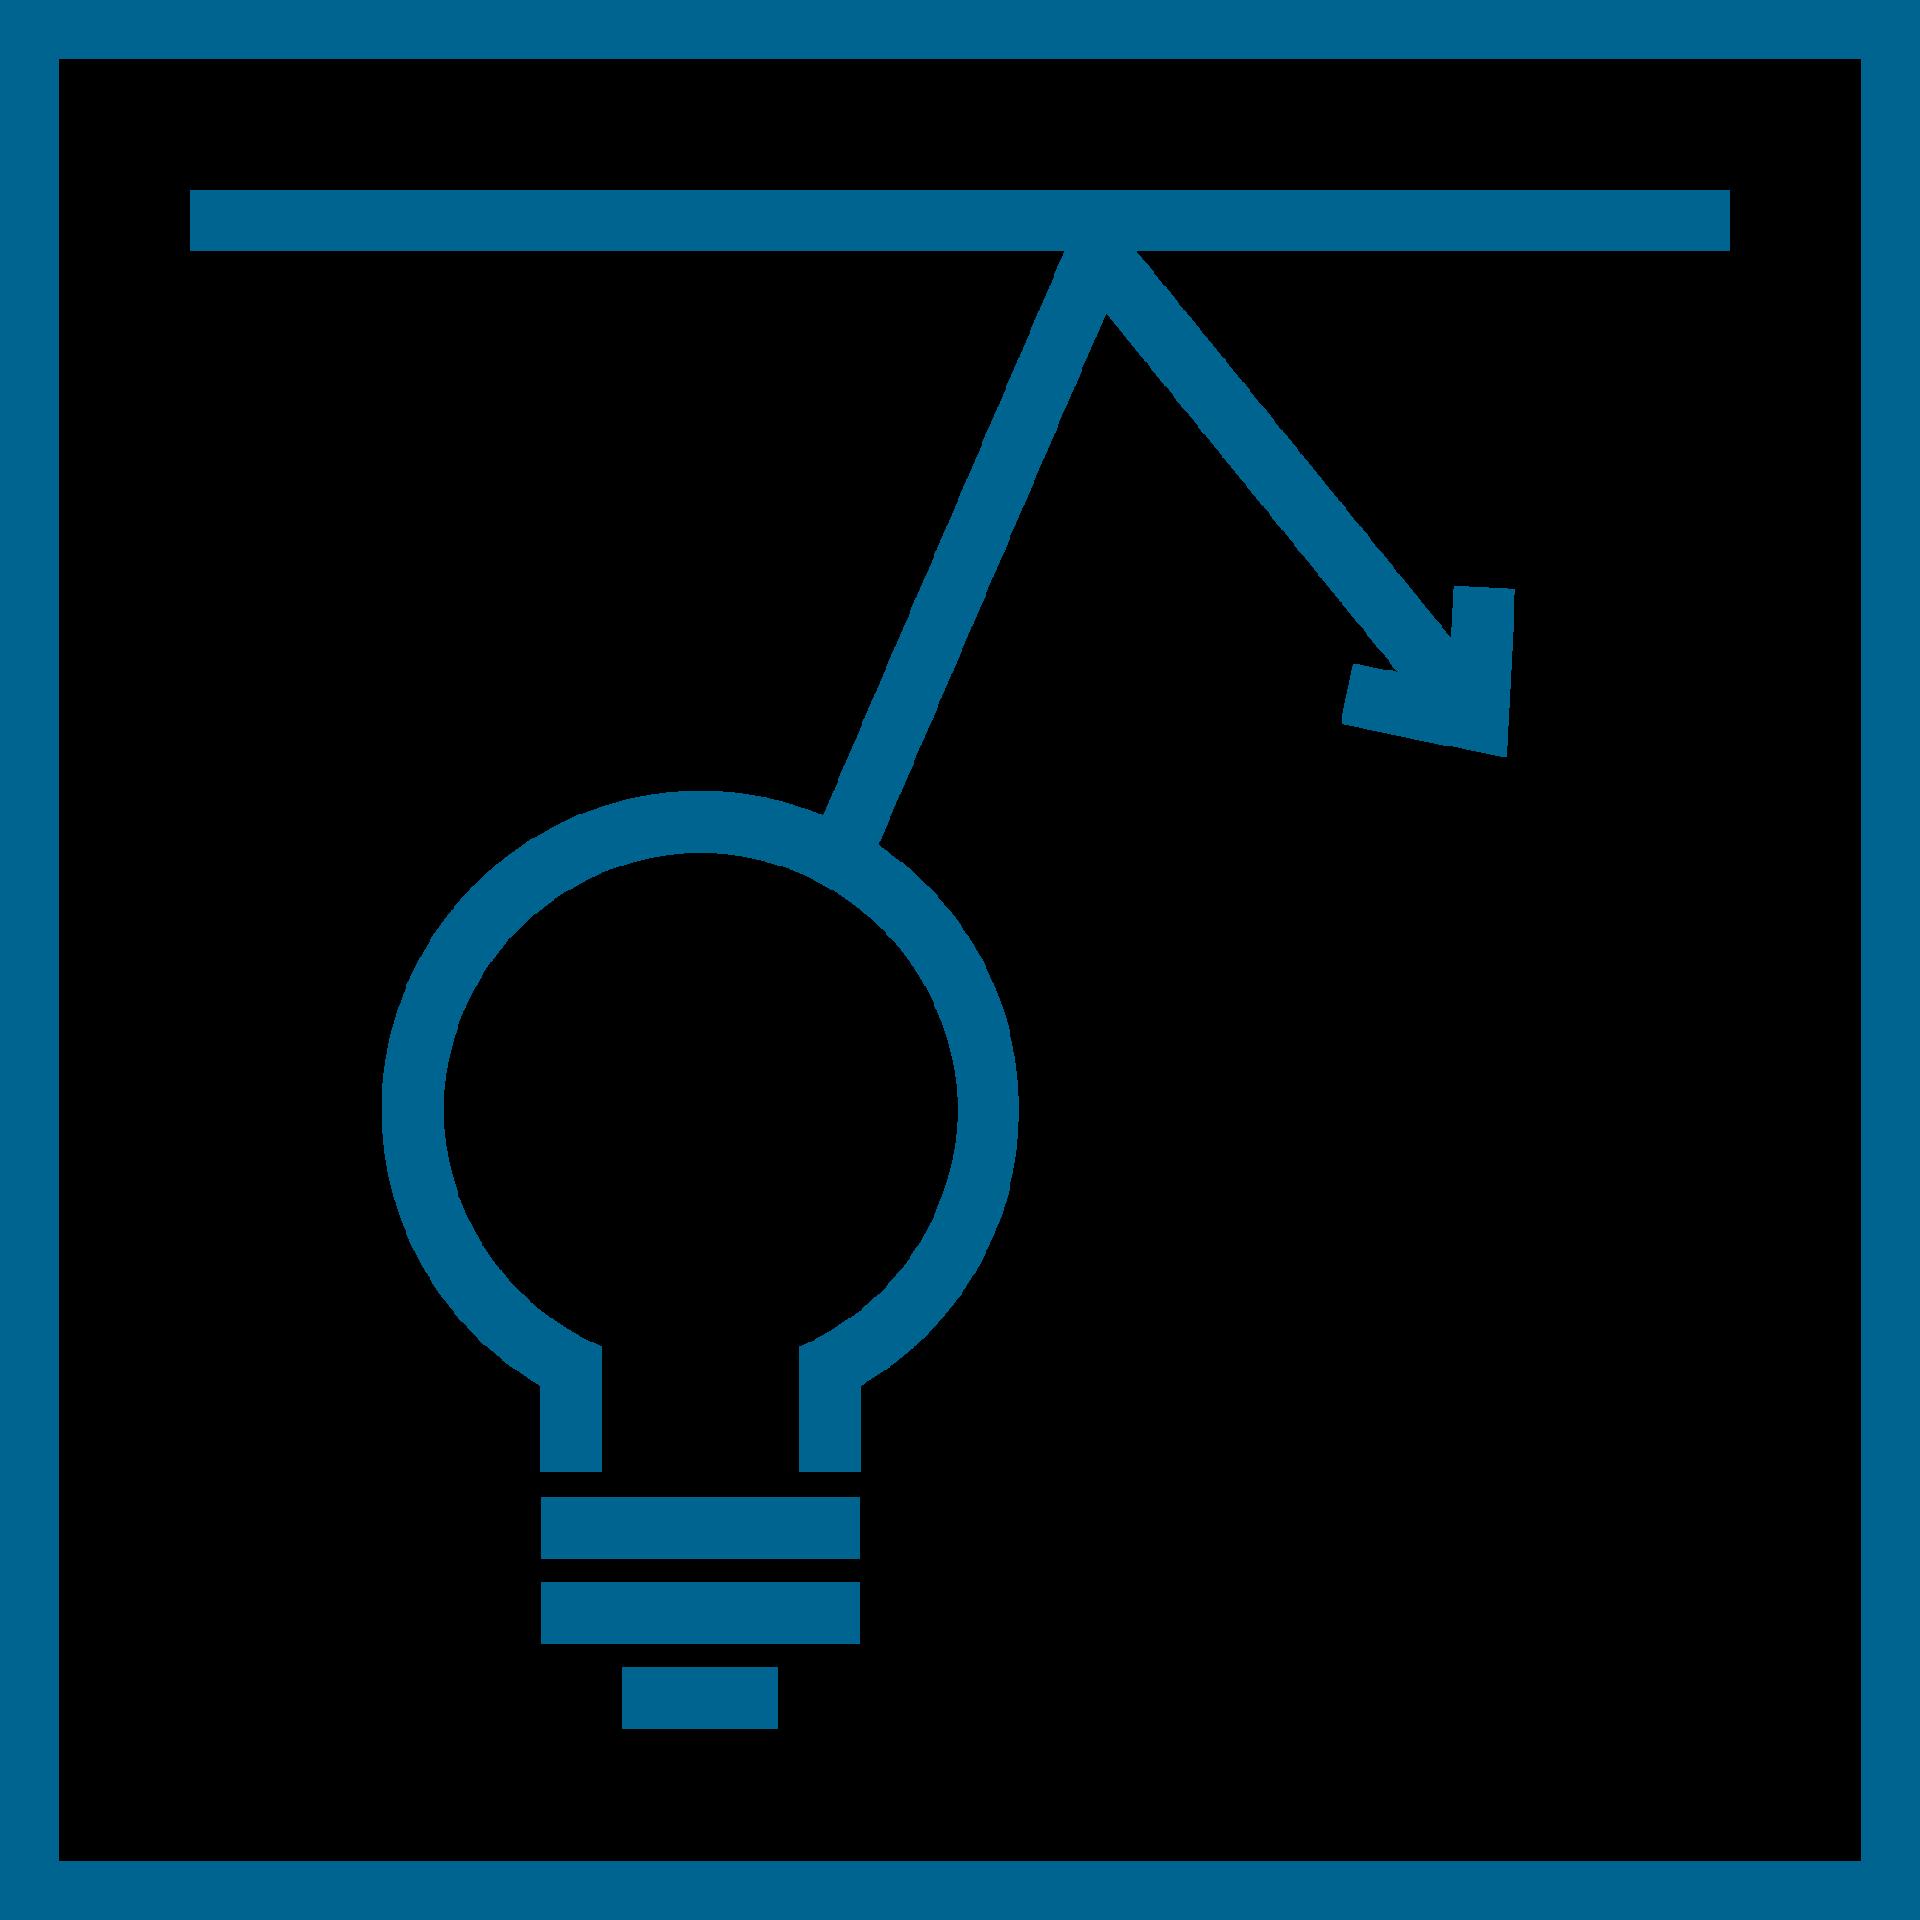 Lysrefleksion og lysdiffusion